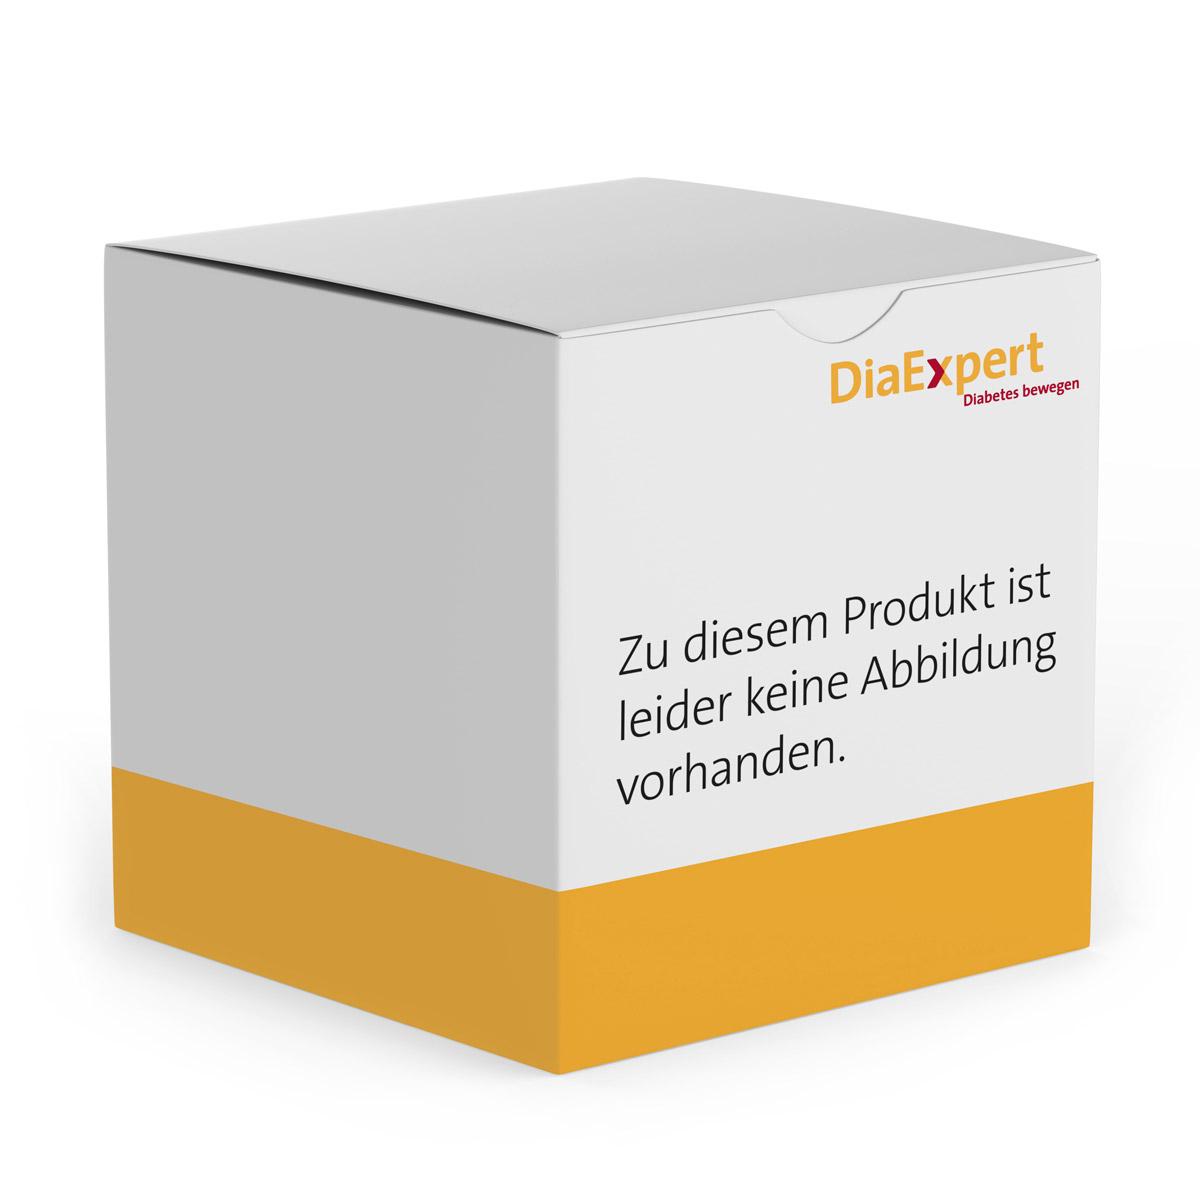 Aktionsset OneTouch Select Plus Flex mmol/L